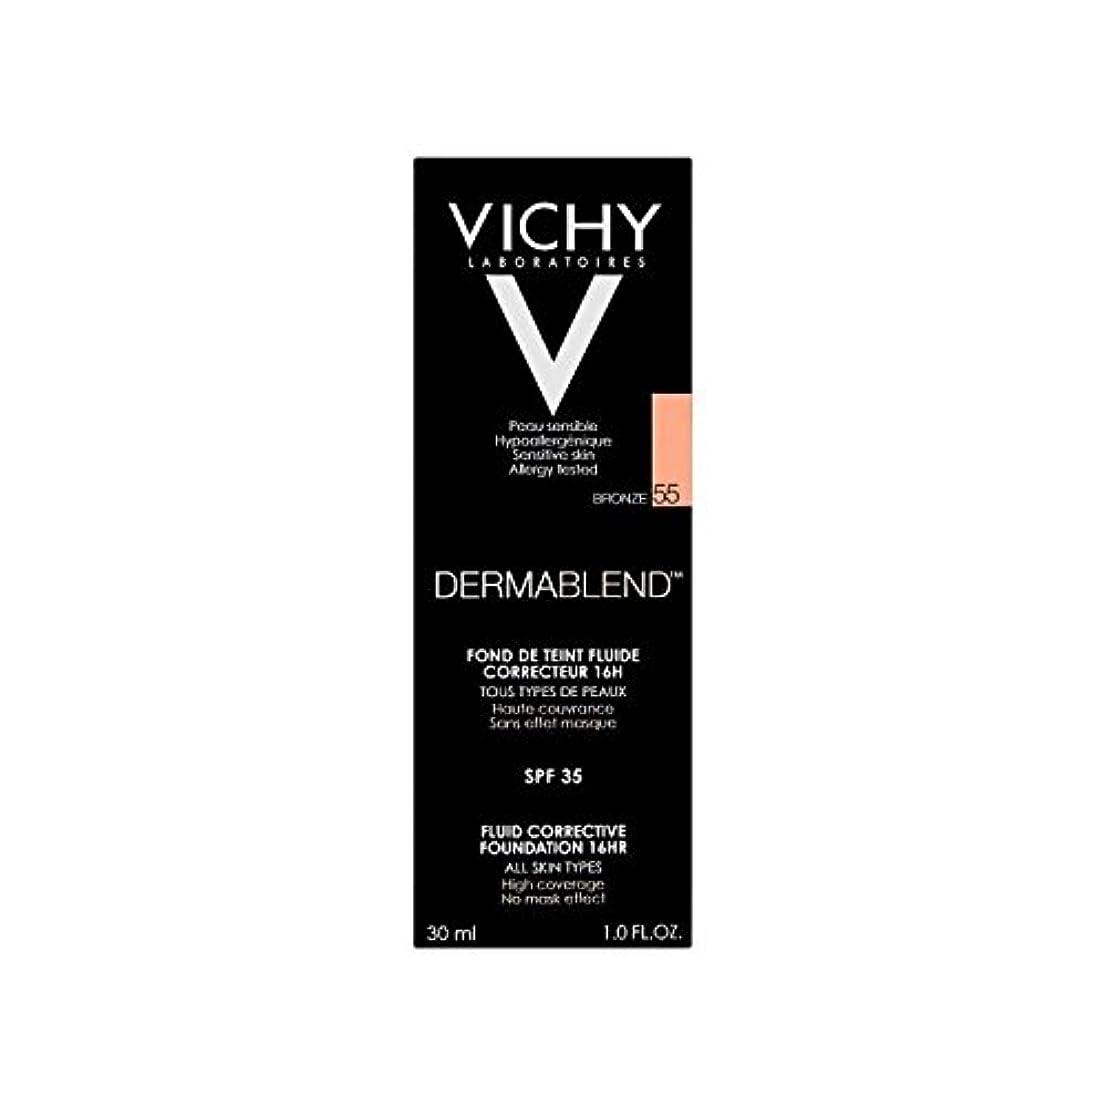 必須密輸錆びヴィシー是正流体の基礎30ミリリットル青銅55 x4 - Vichy Dermablend Corrective Fluid Foundation 30ml Bronze 55 (Pack of 4) [並行輸入品]